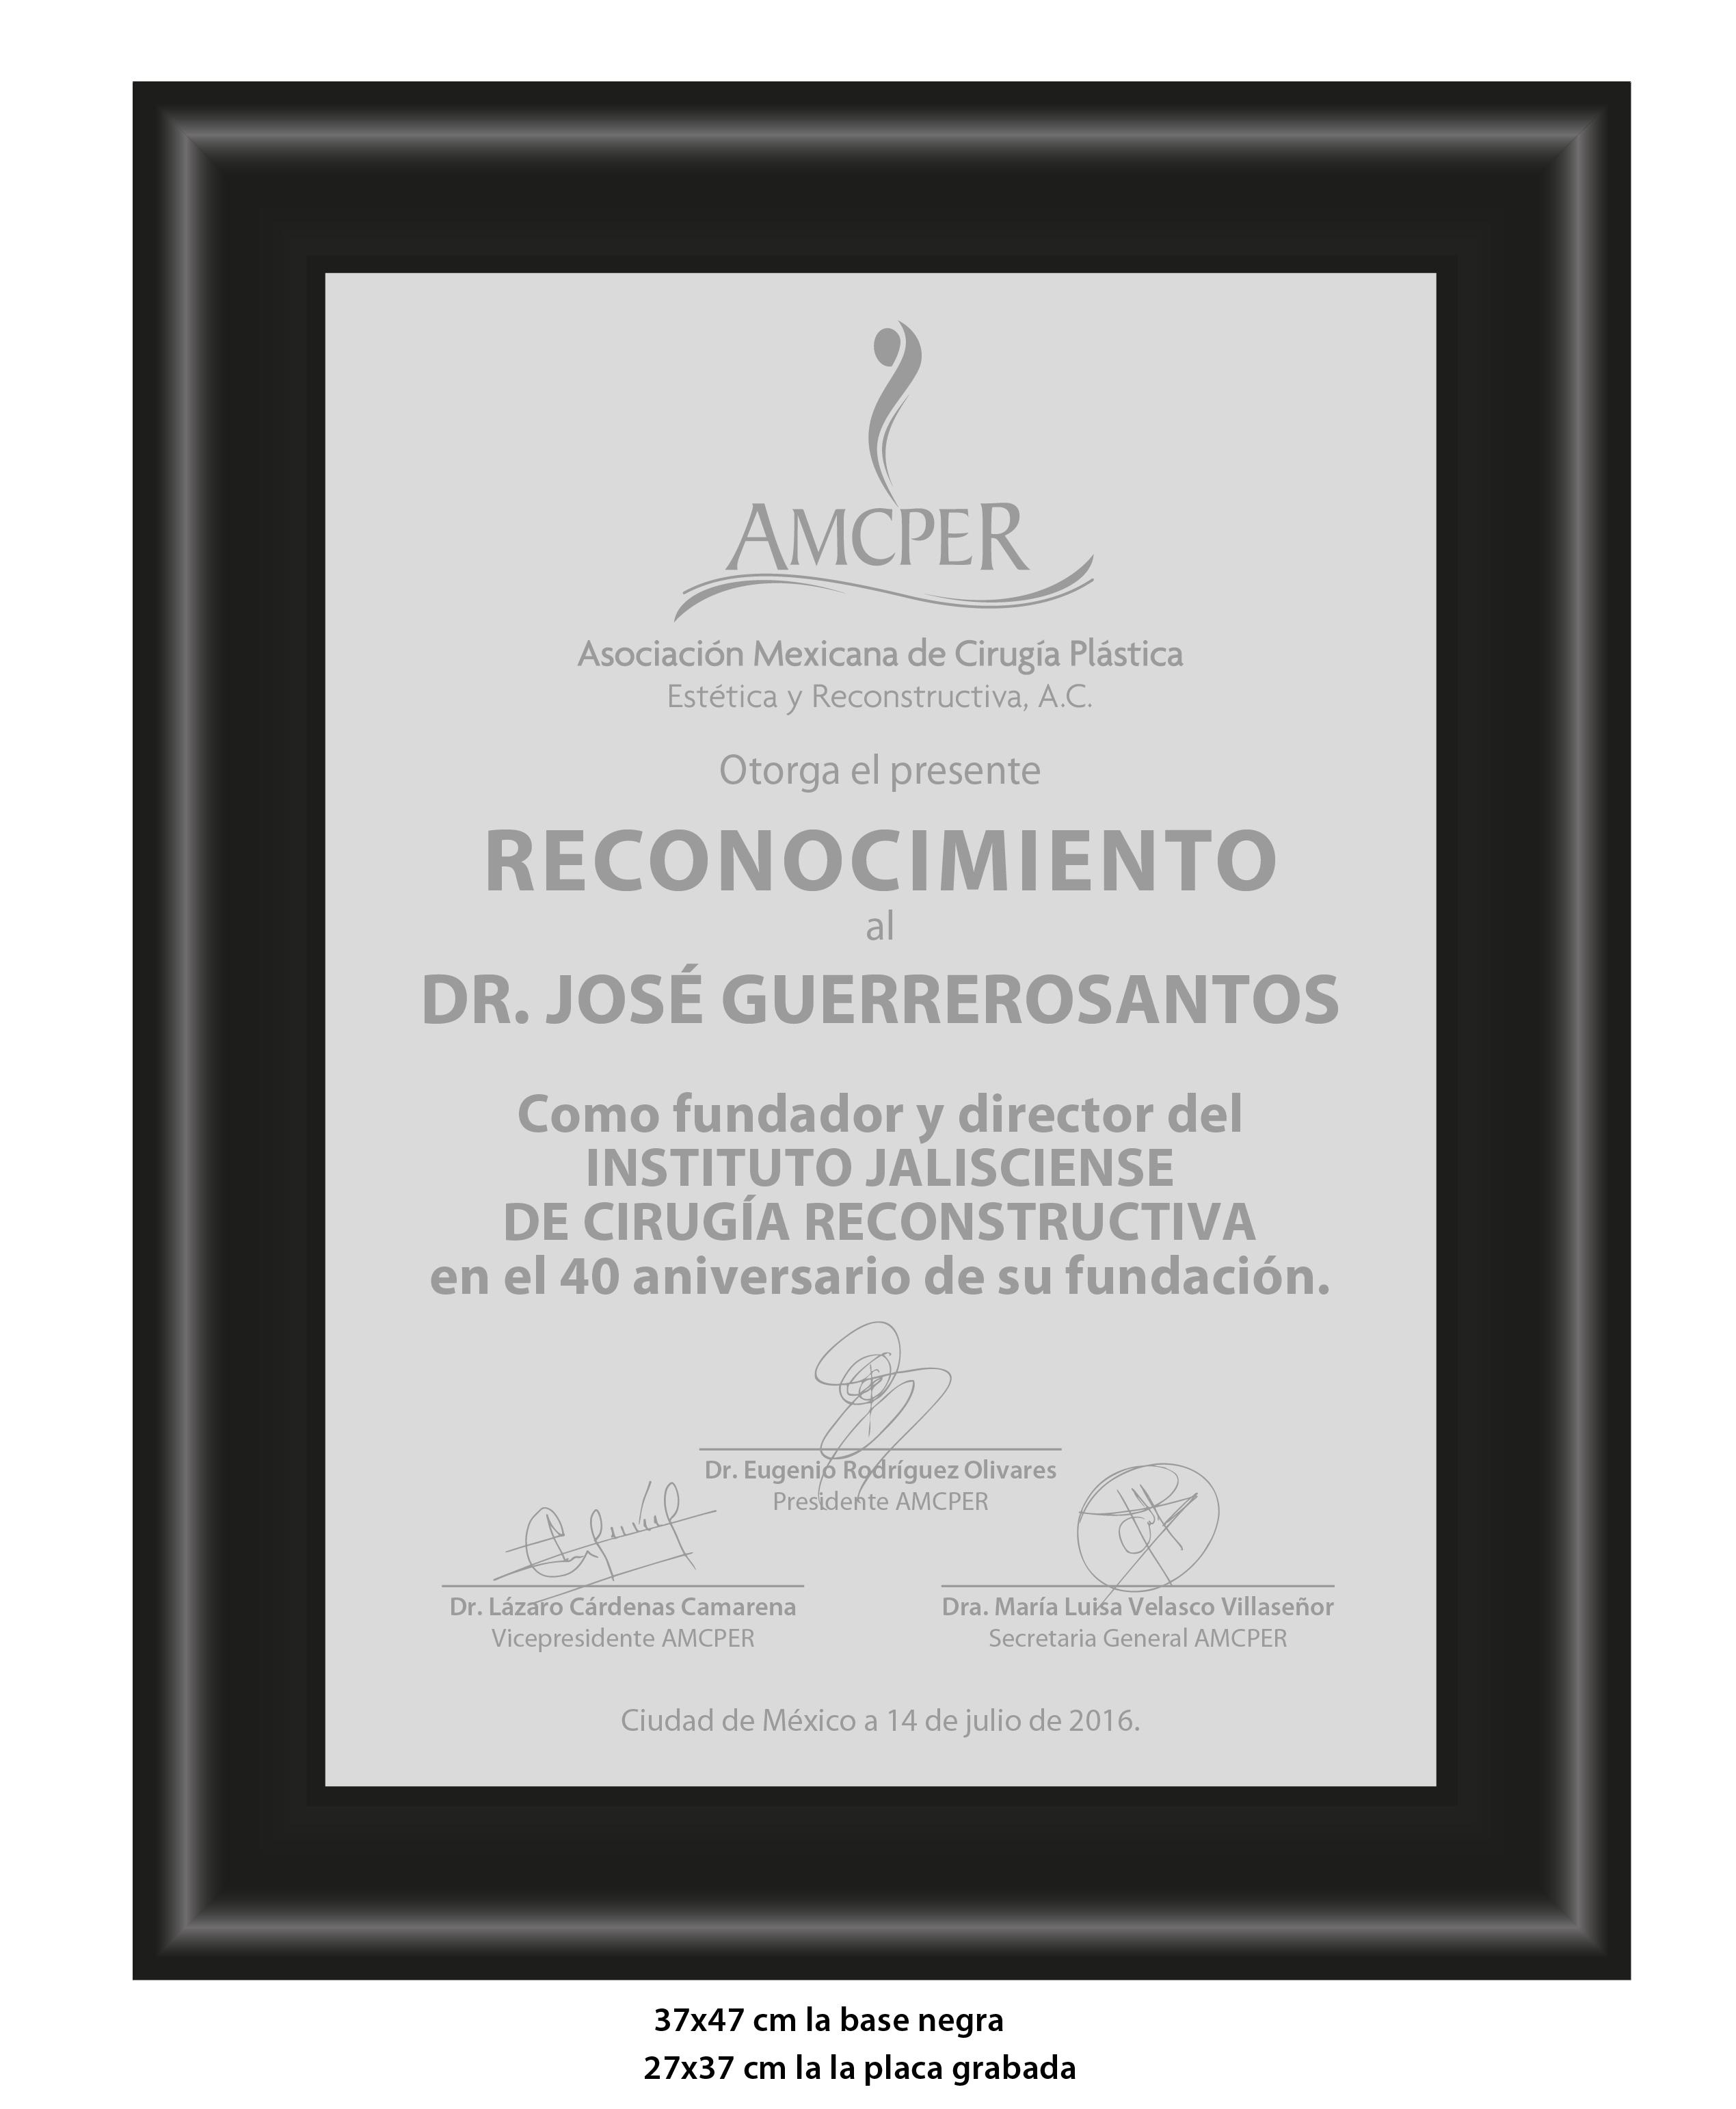 RECON DR GUERREROSANTOS-01